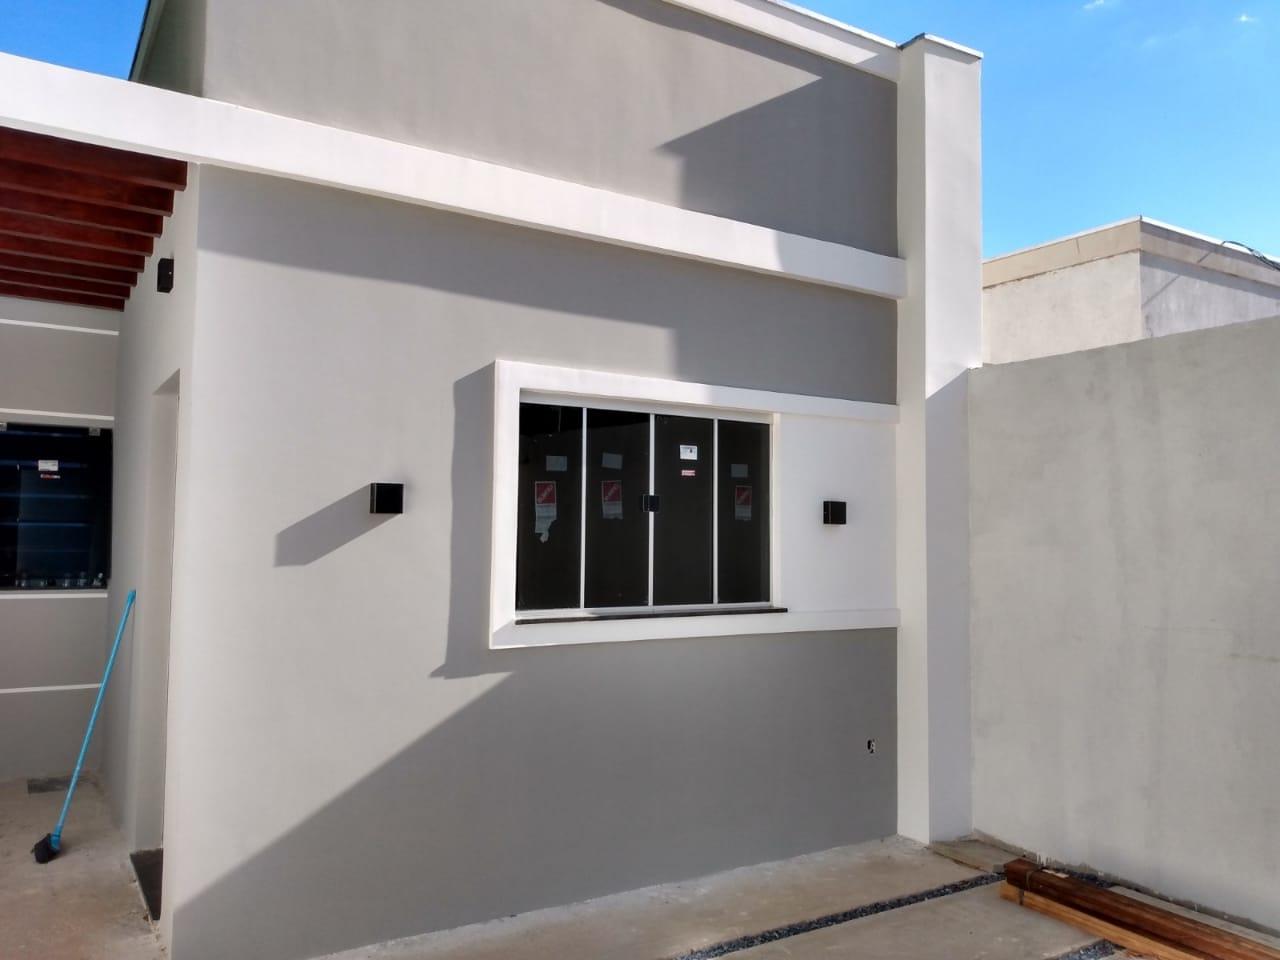 Casa à venda,  com 3 quartos sendo 1 suite no Santa Cruz em Cuiabá MT 101 12414